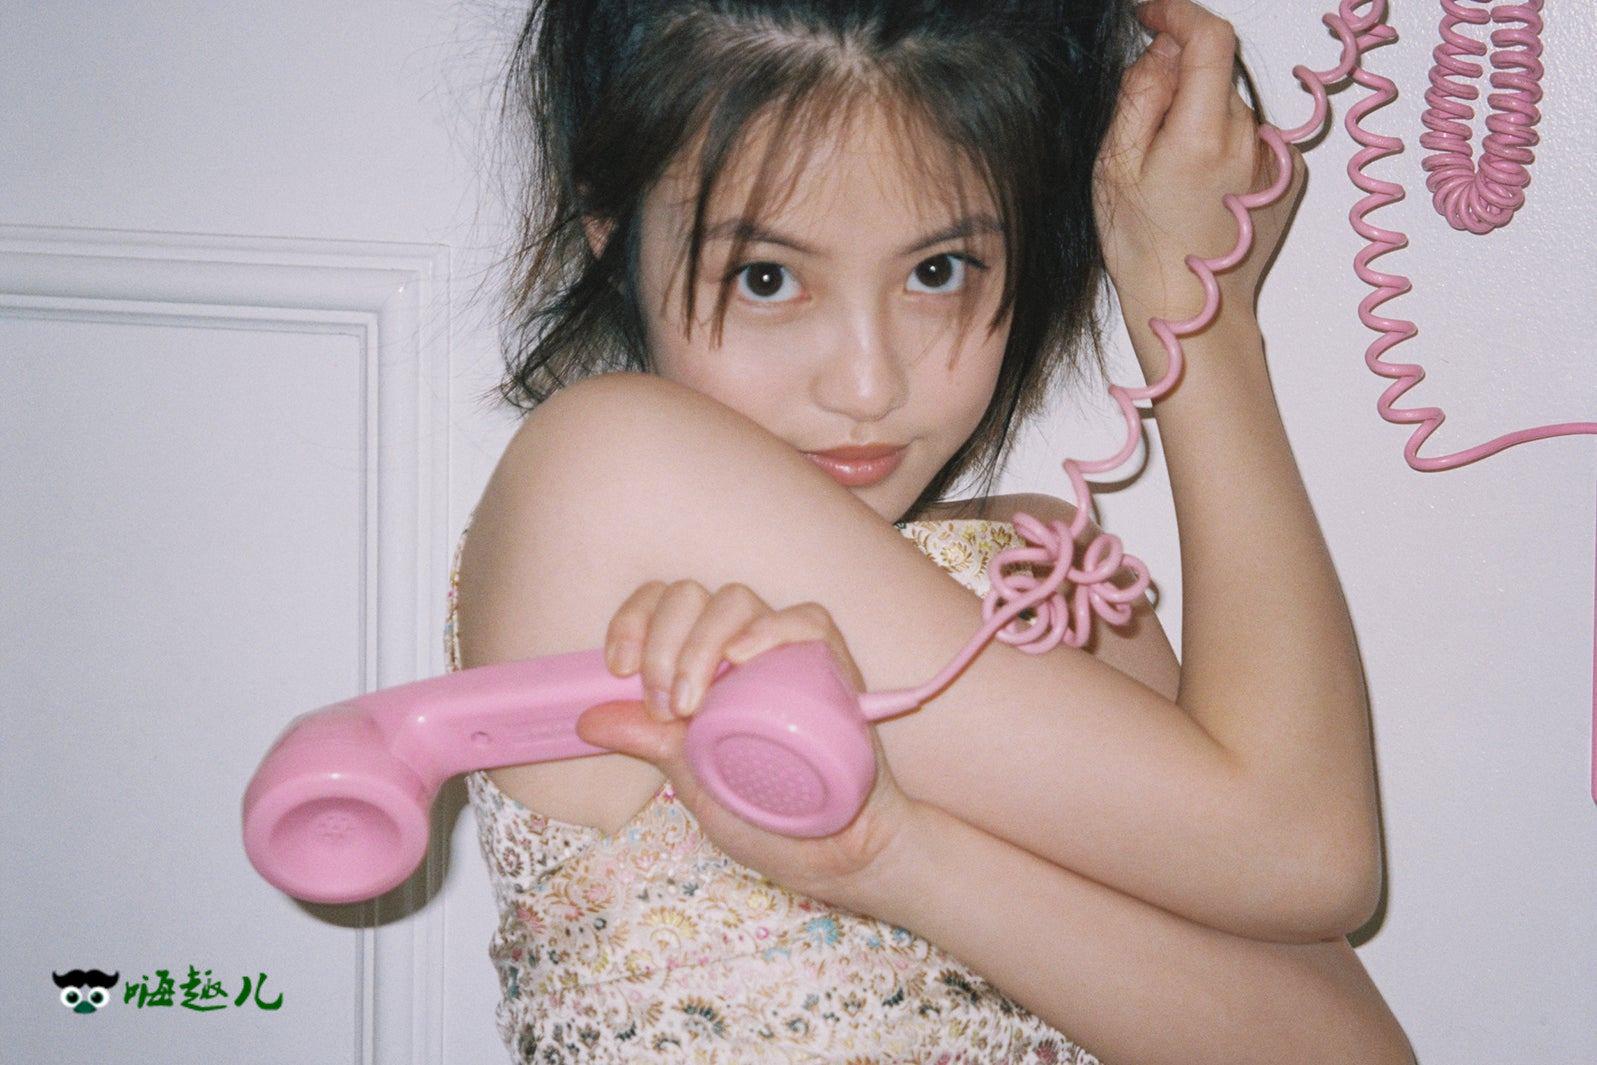 今田美樱将发首部时尚写真书:《今田美桜スタイルブック》